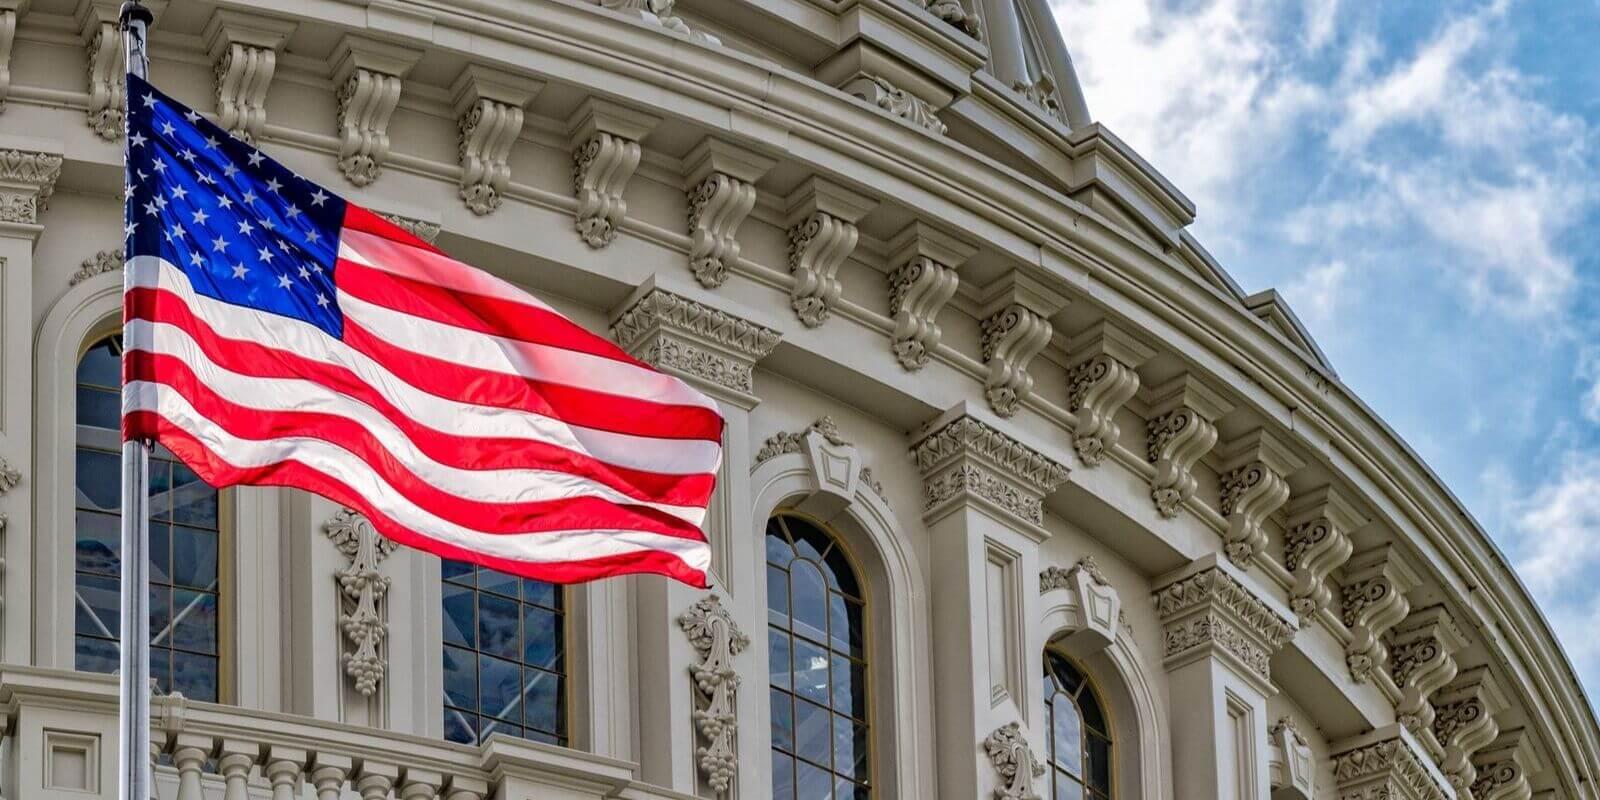 Cryptomonnaies : Le Congrès américain et la SEC se réunissent prochainement pour en débattre